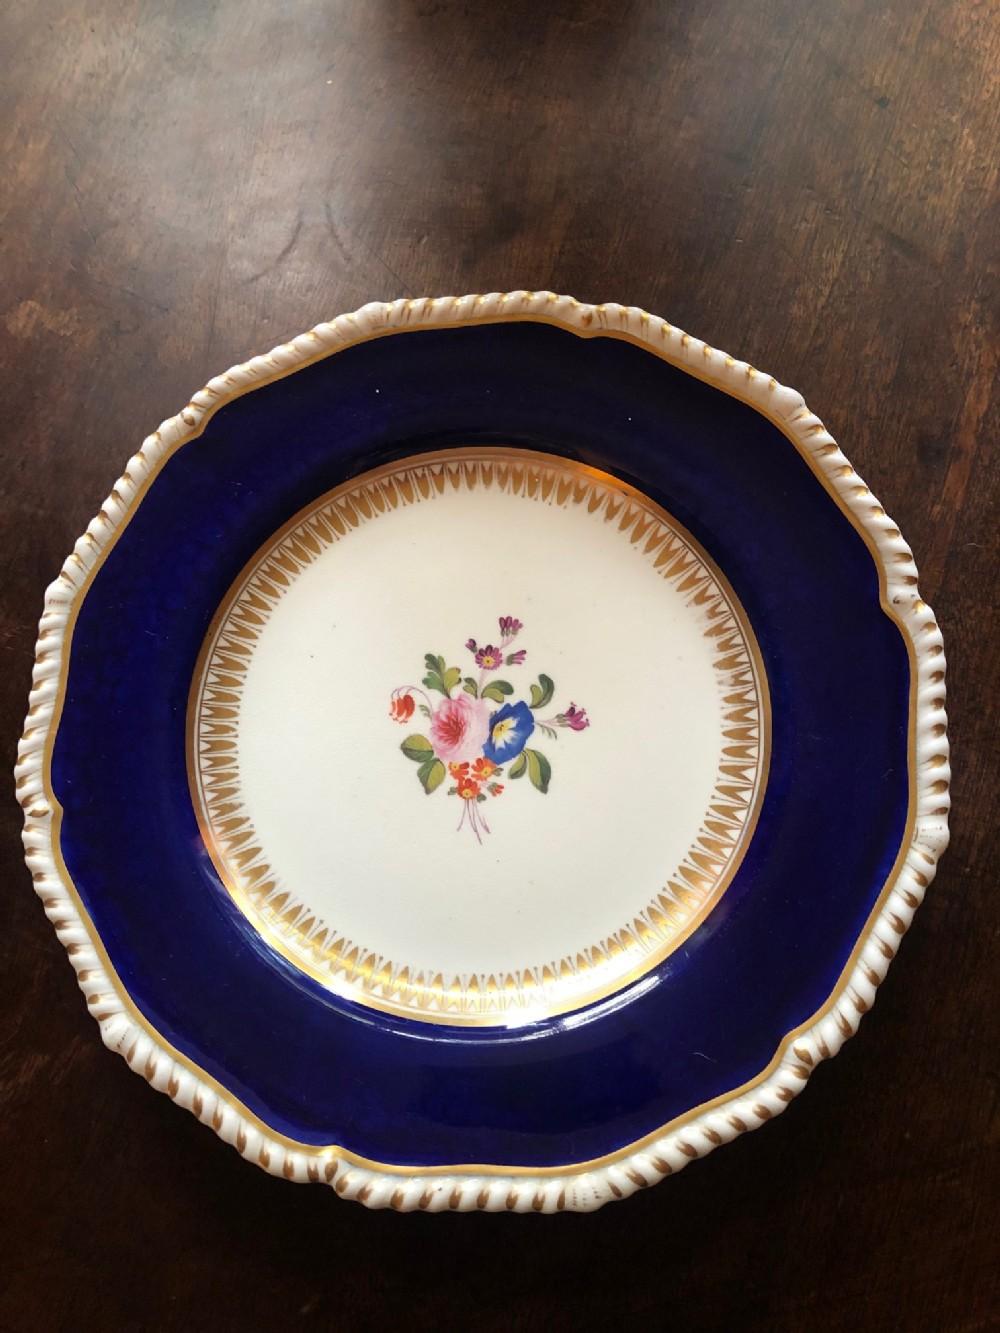 superb bloor derby plate circa 1825